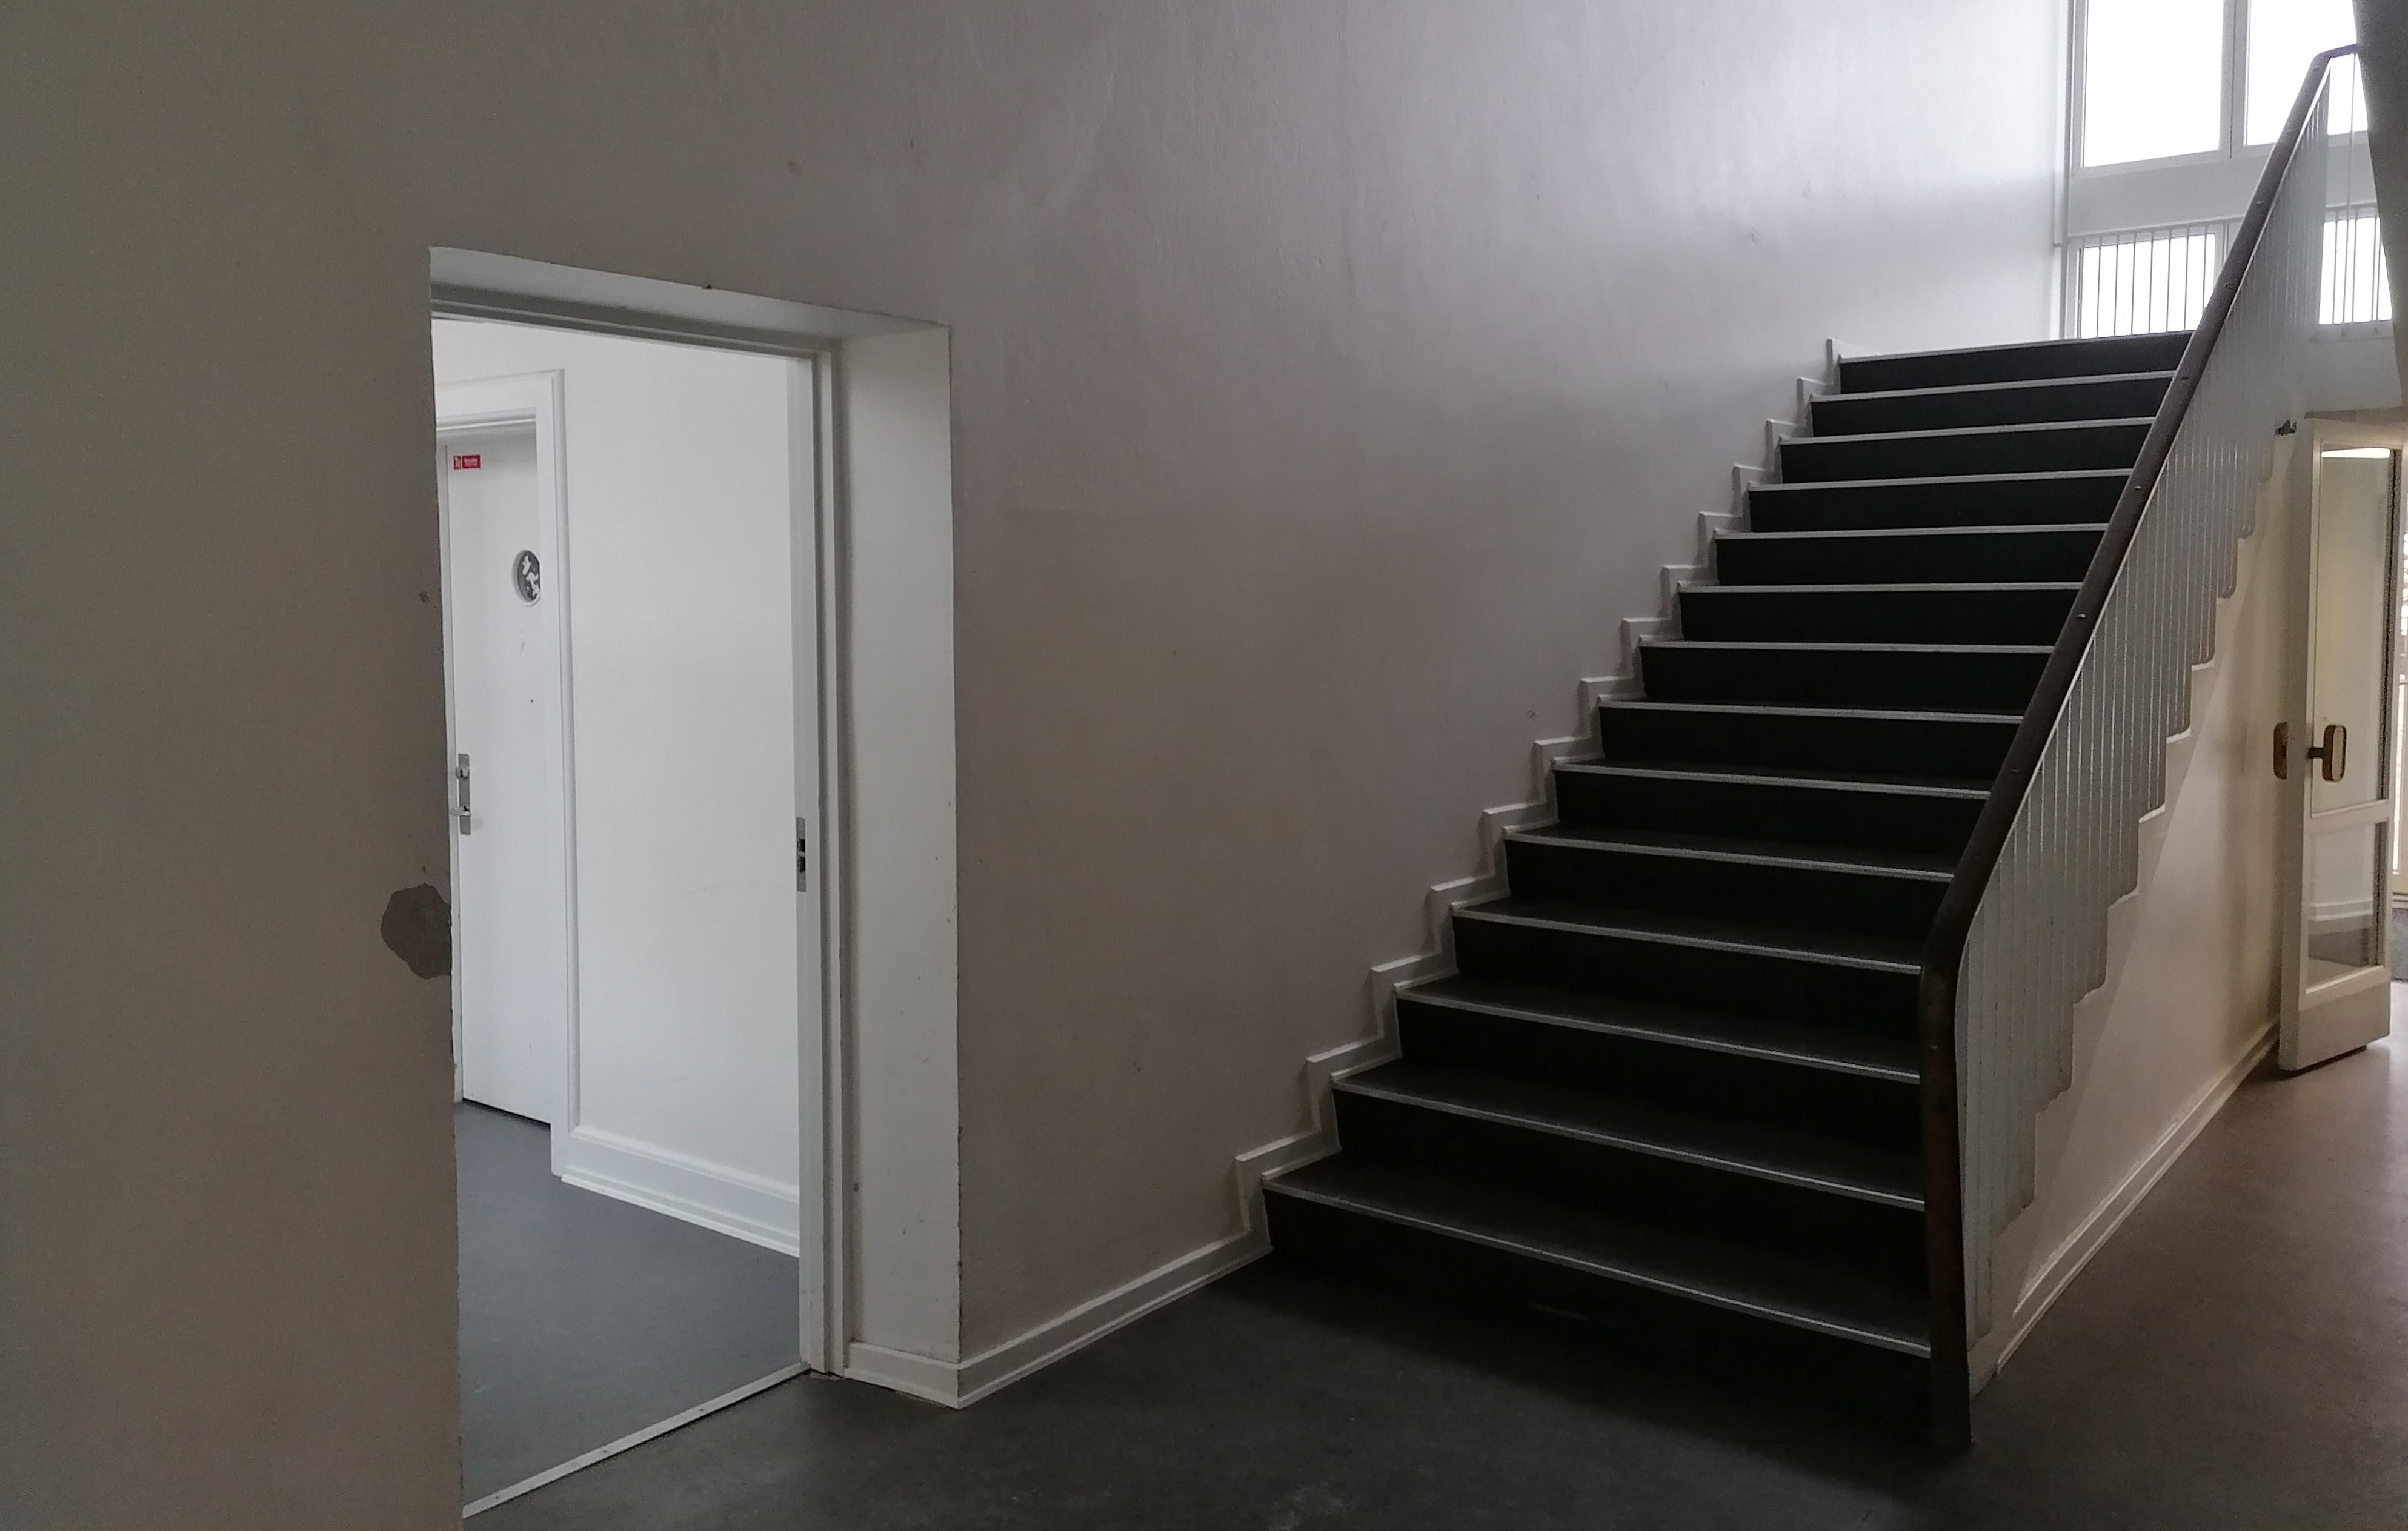 Gangareal på en skole - en dør går ind til et andet rum - en trappe fører et etage op